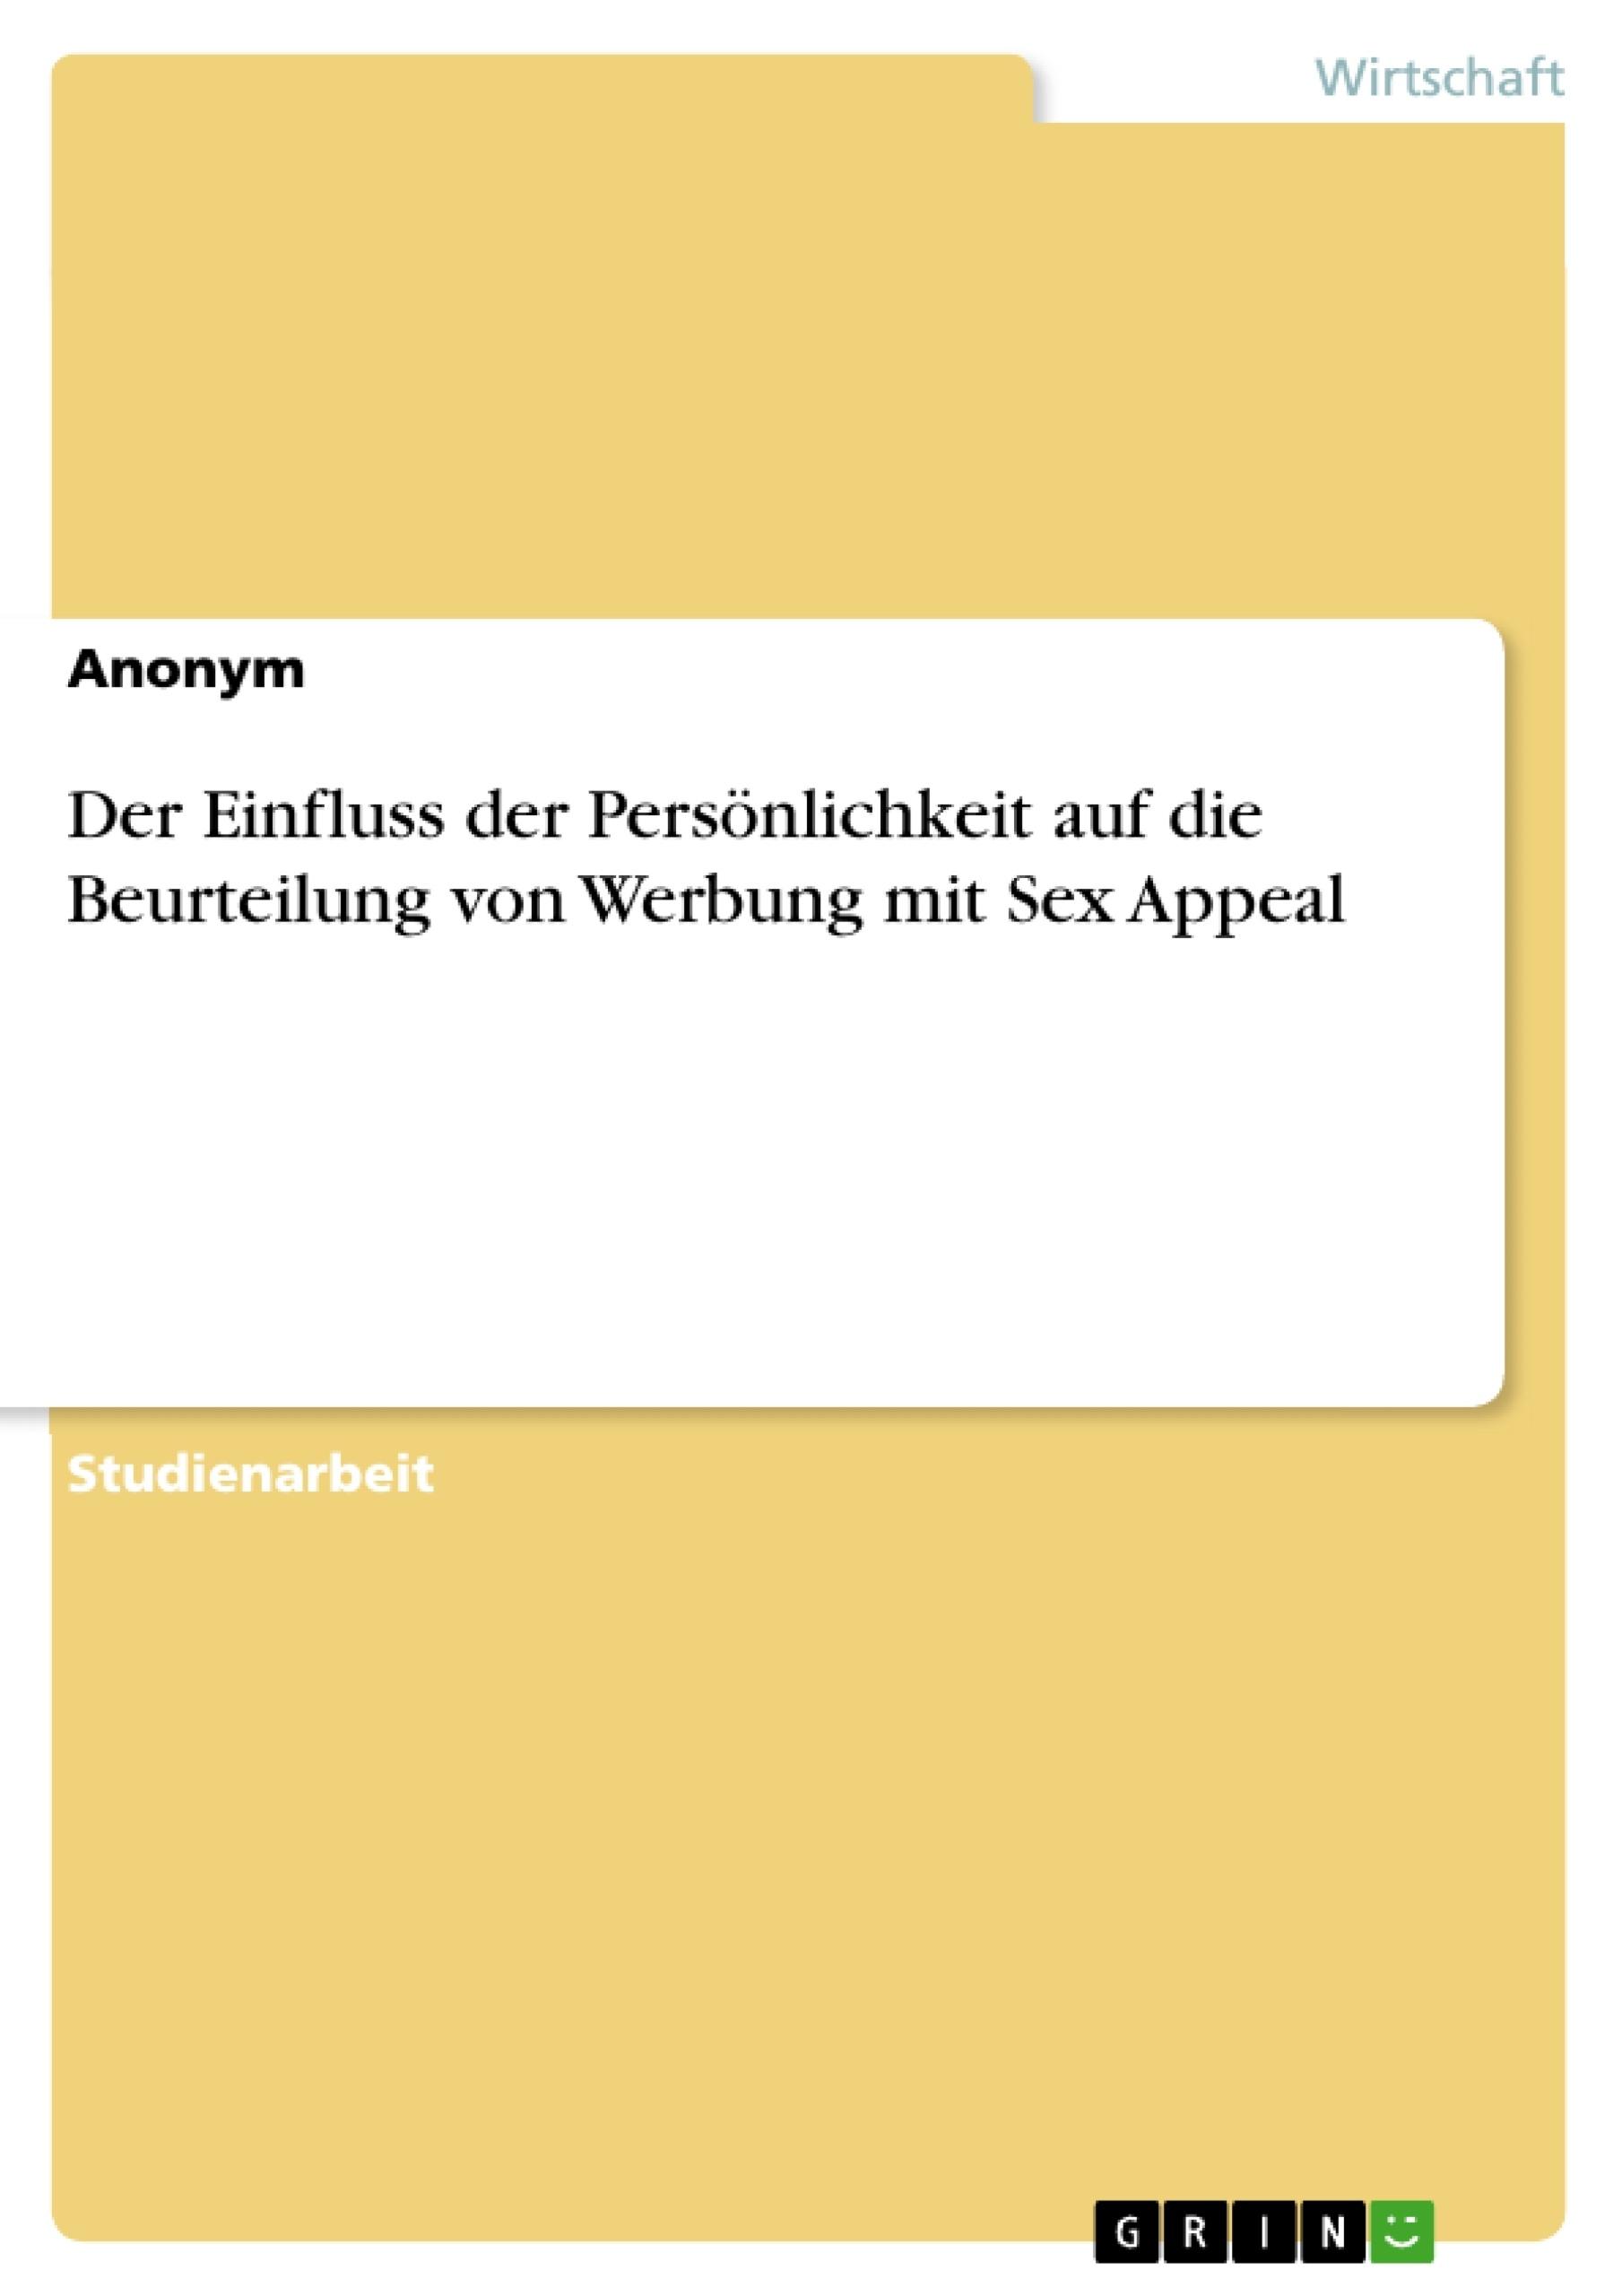 Titel: Der Einfluss der Persönlichkeit auf die Beurteilung von Werbung mit Sex Appeal